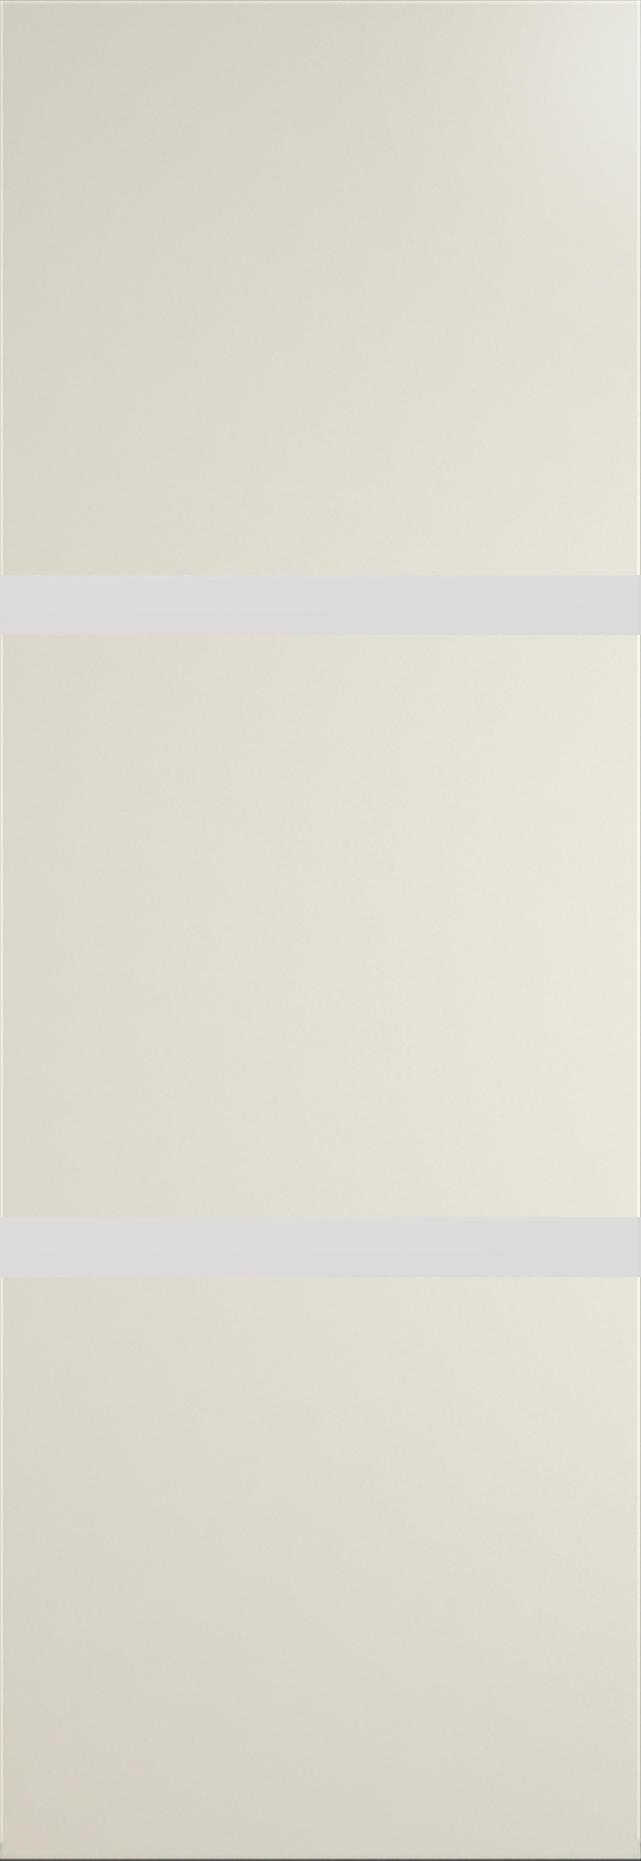 Tivoli В-4 Invisible цвет - Жемчужная эмаль Без стекла (ДГ)